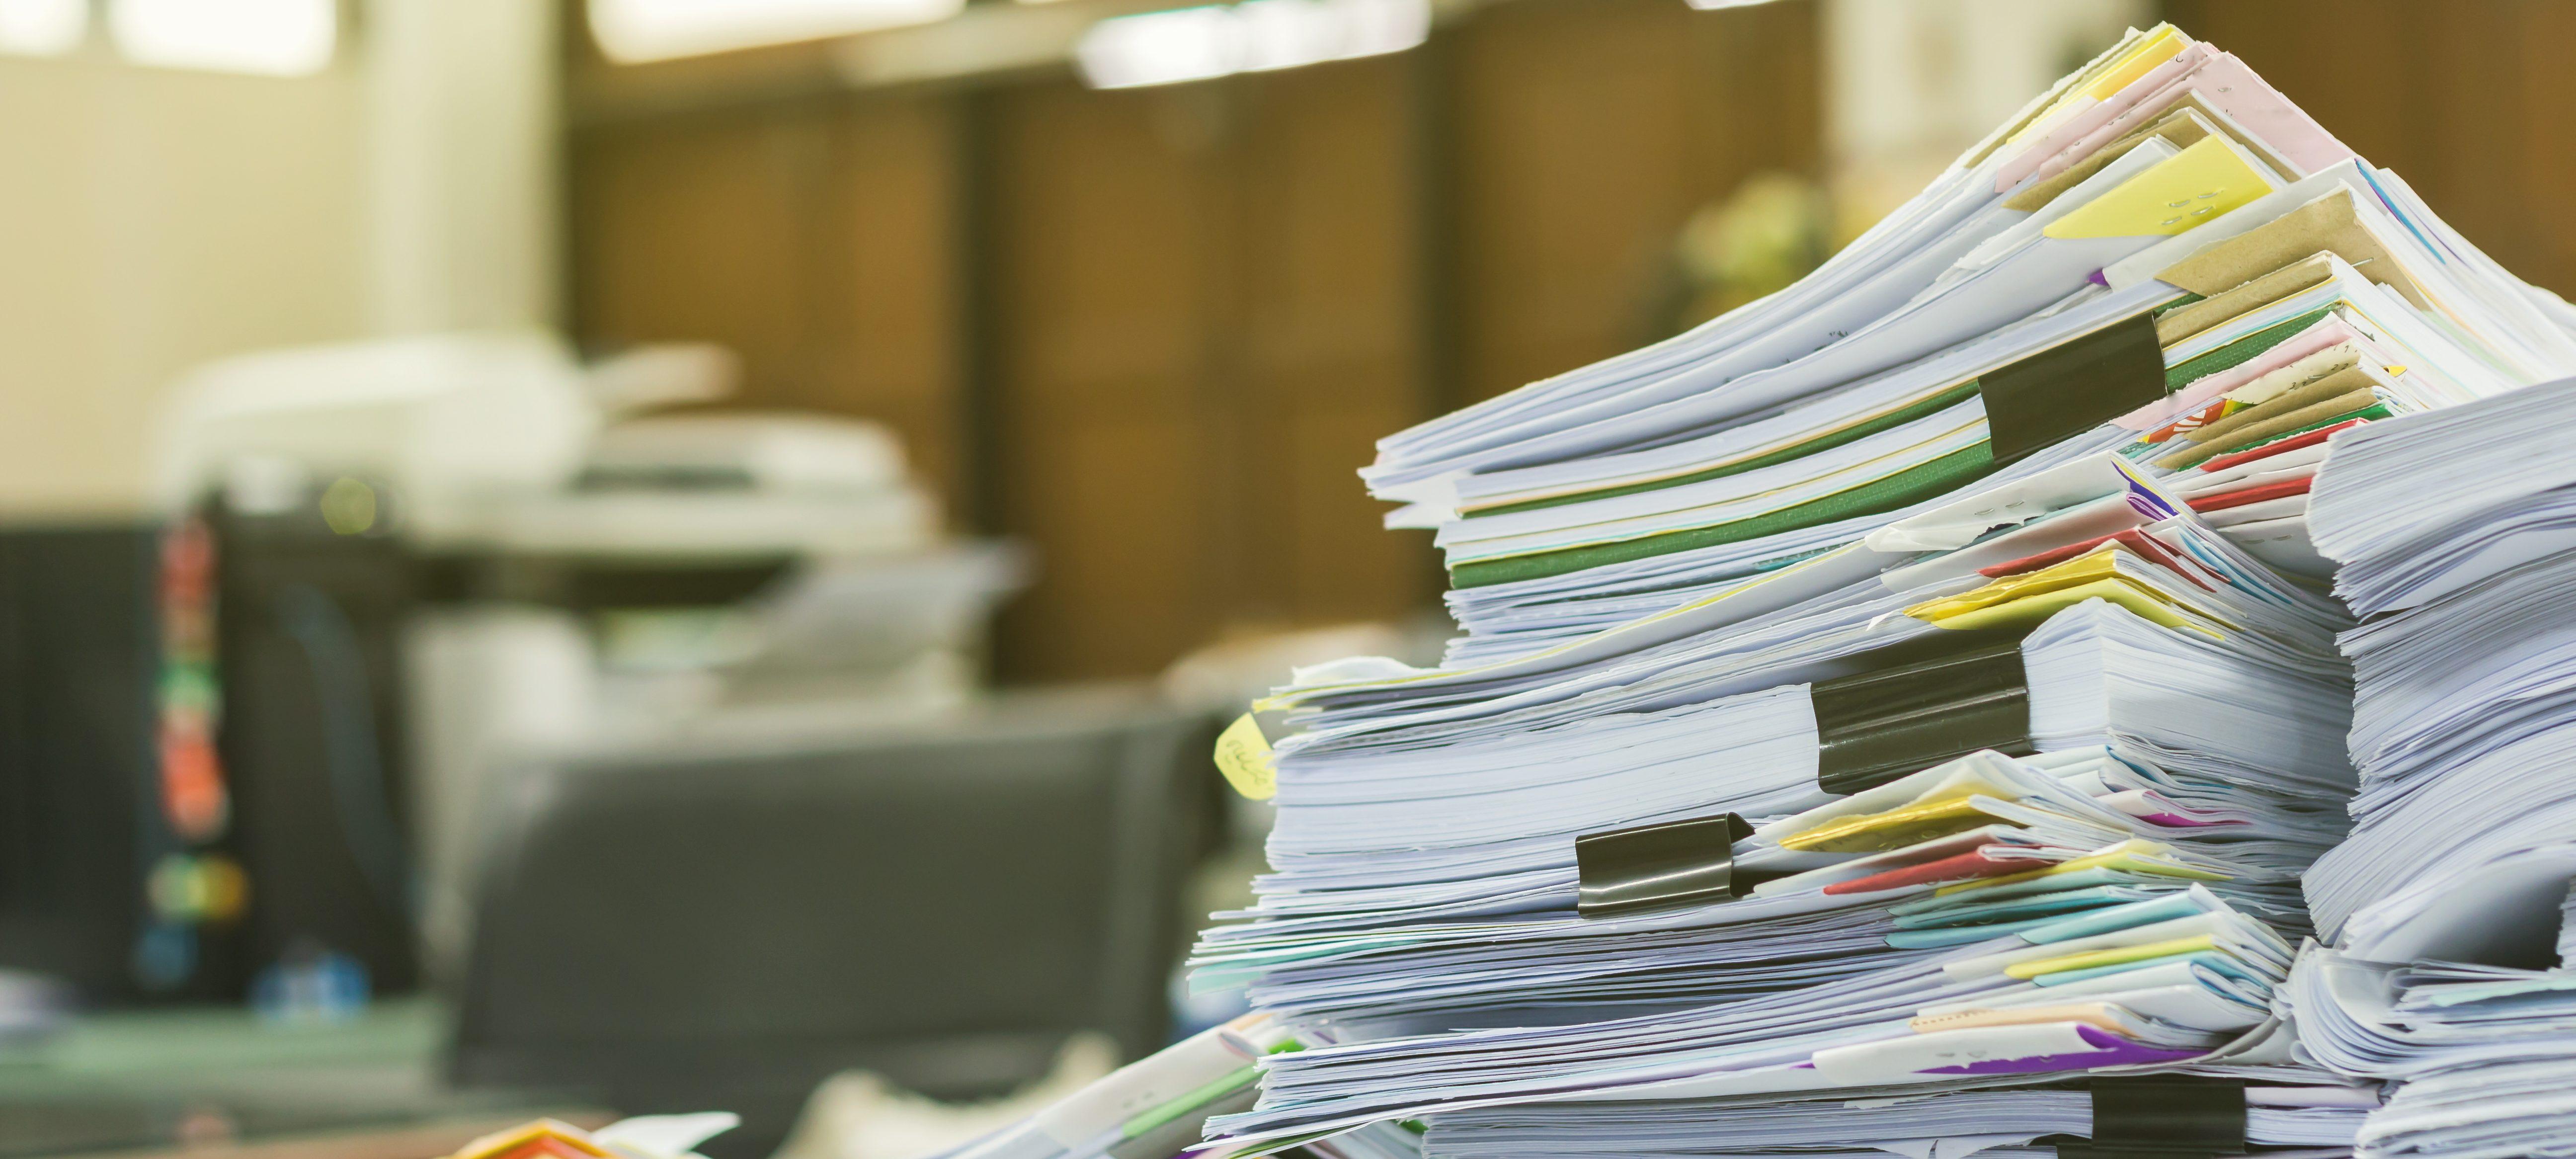 file pile desk